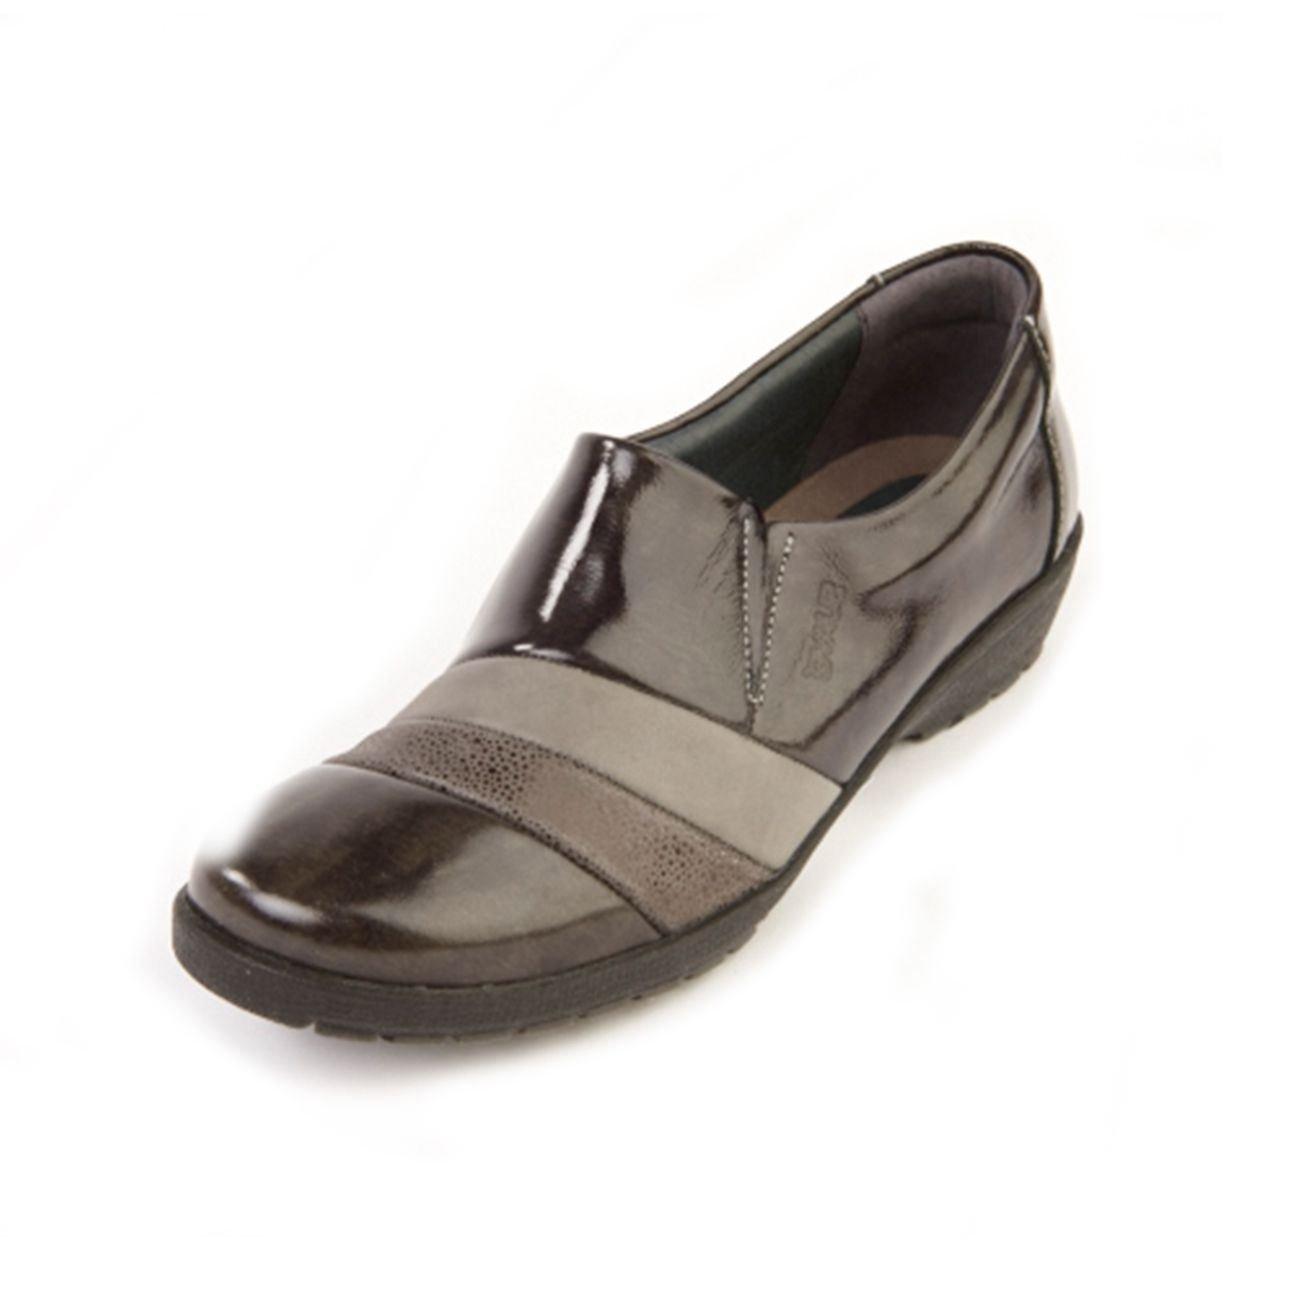 Suave , , Chaussures de ville à ville lacets pour à femme Graphite/Reptile d6bd63c - fast-weightloss-diet.space